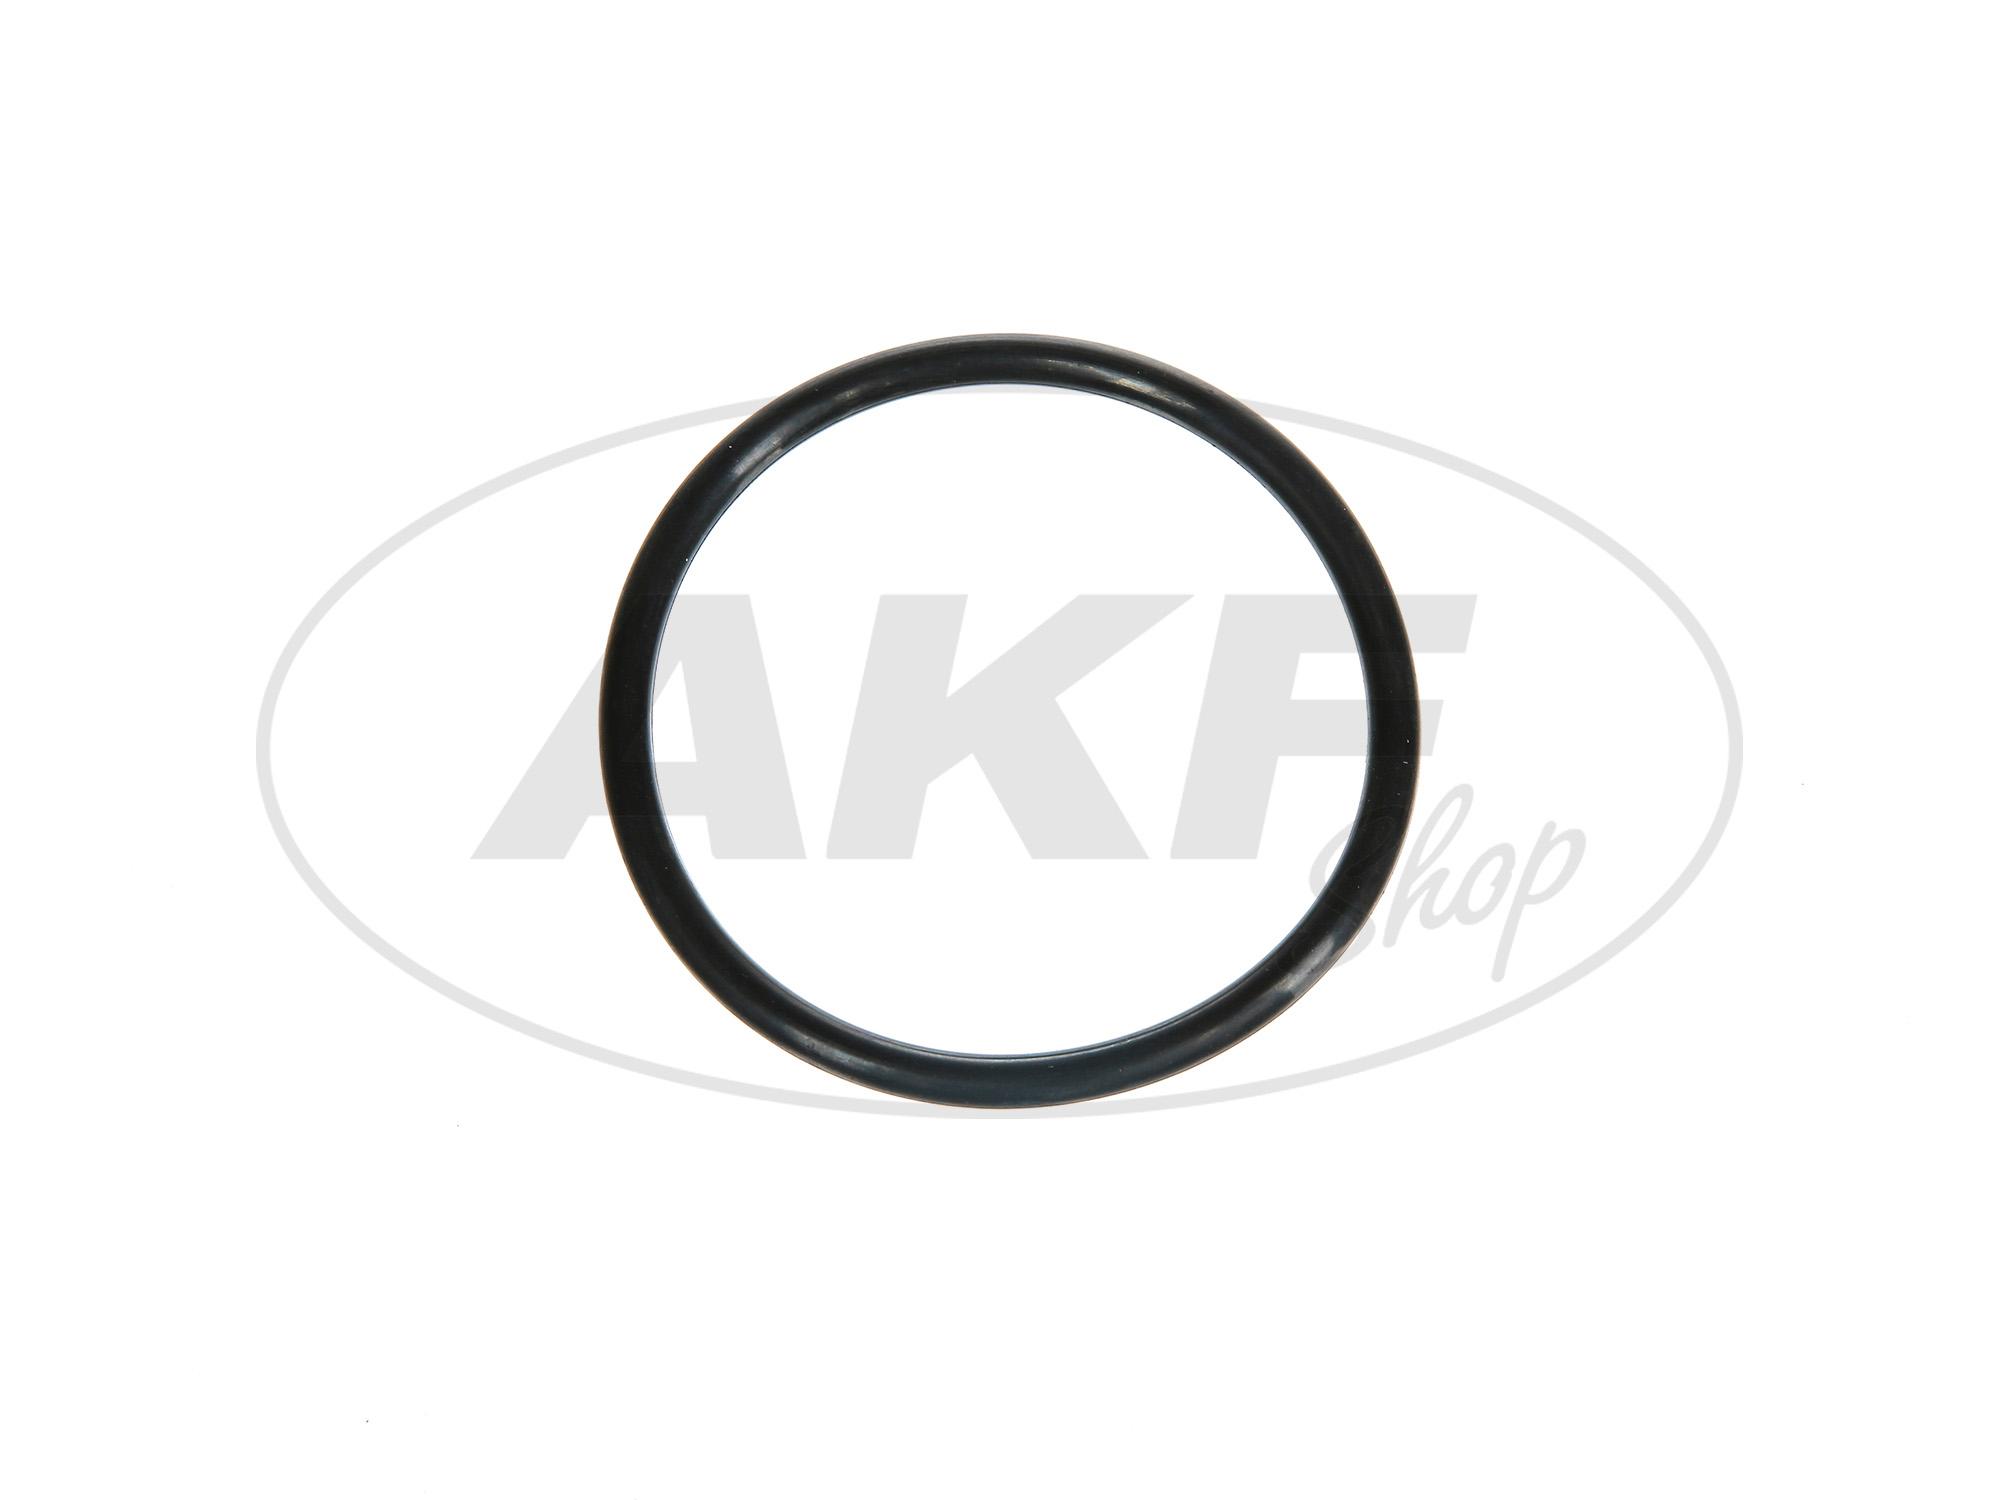 Zoom Ansicht Endstückdichtung rund, 68 x 5mm - für Simson S50, S51, KR51 Schwalbe, SR50, u.a.